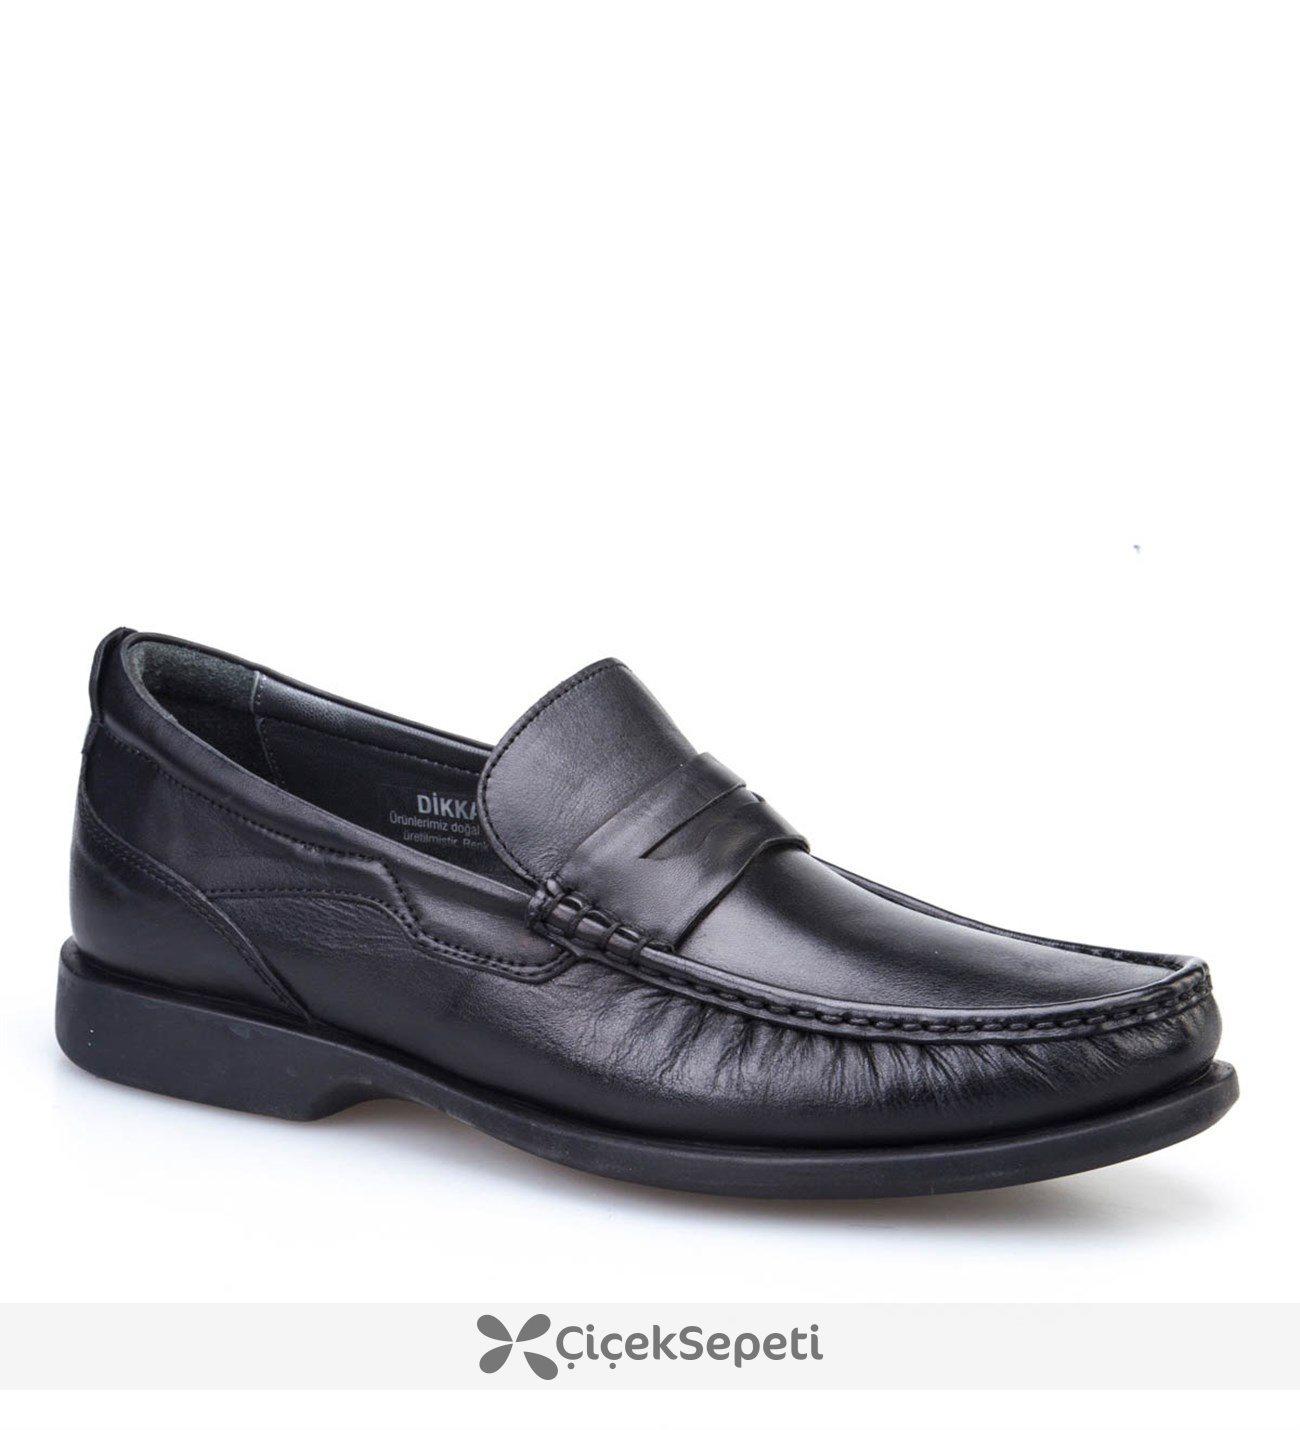 Cabani Şok Emici Tabanlı Günlük Erkek Ayakkabı Siyah Analin Deri